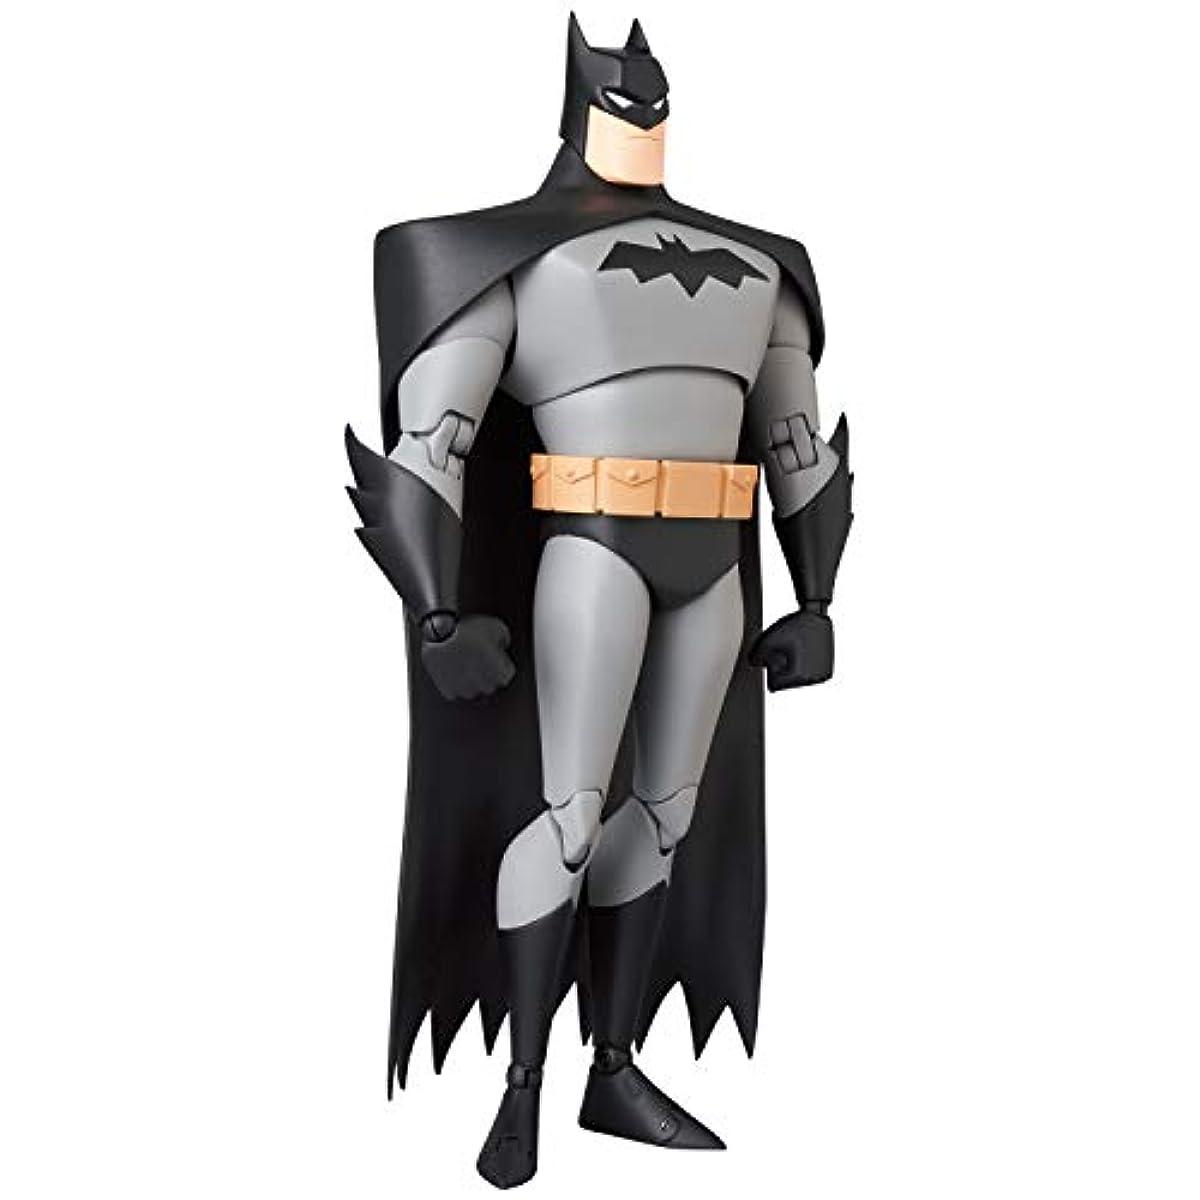 [해외] MAFEX 마펙스 NO.137 BATMAN 배트맨 (THE NEW BATMAN ADVENTURES) 높이 약160MM 도색완성품 액션 피규어